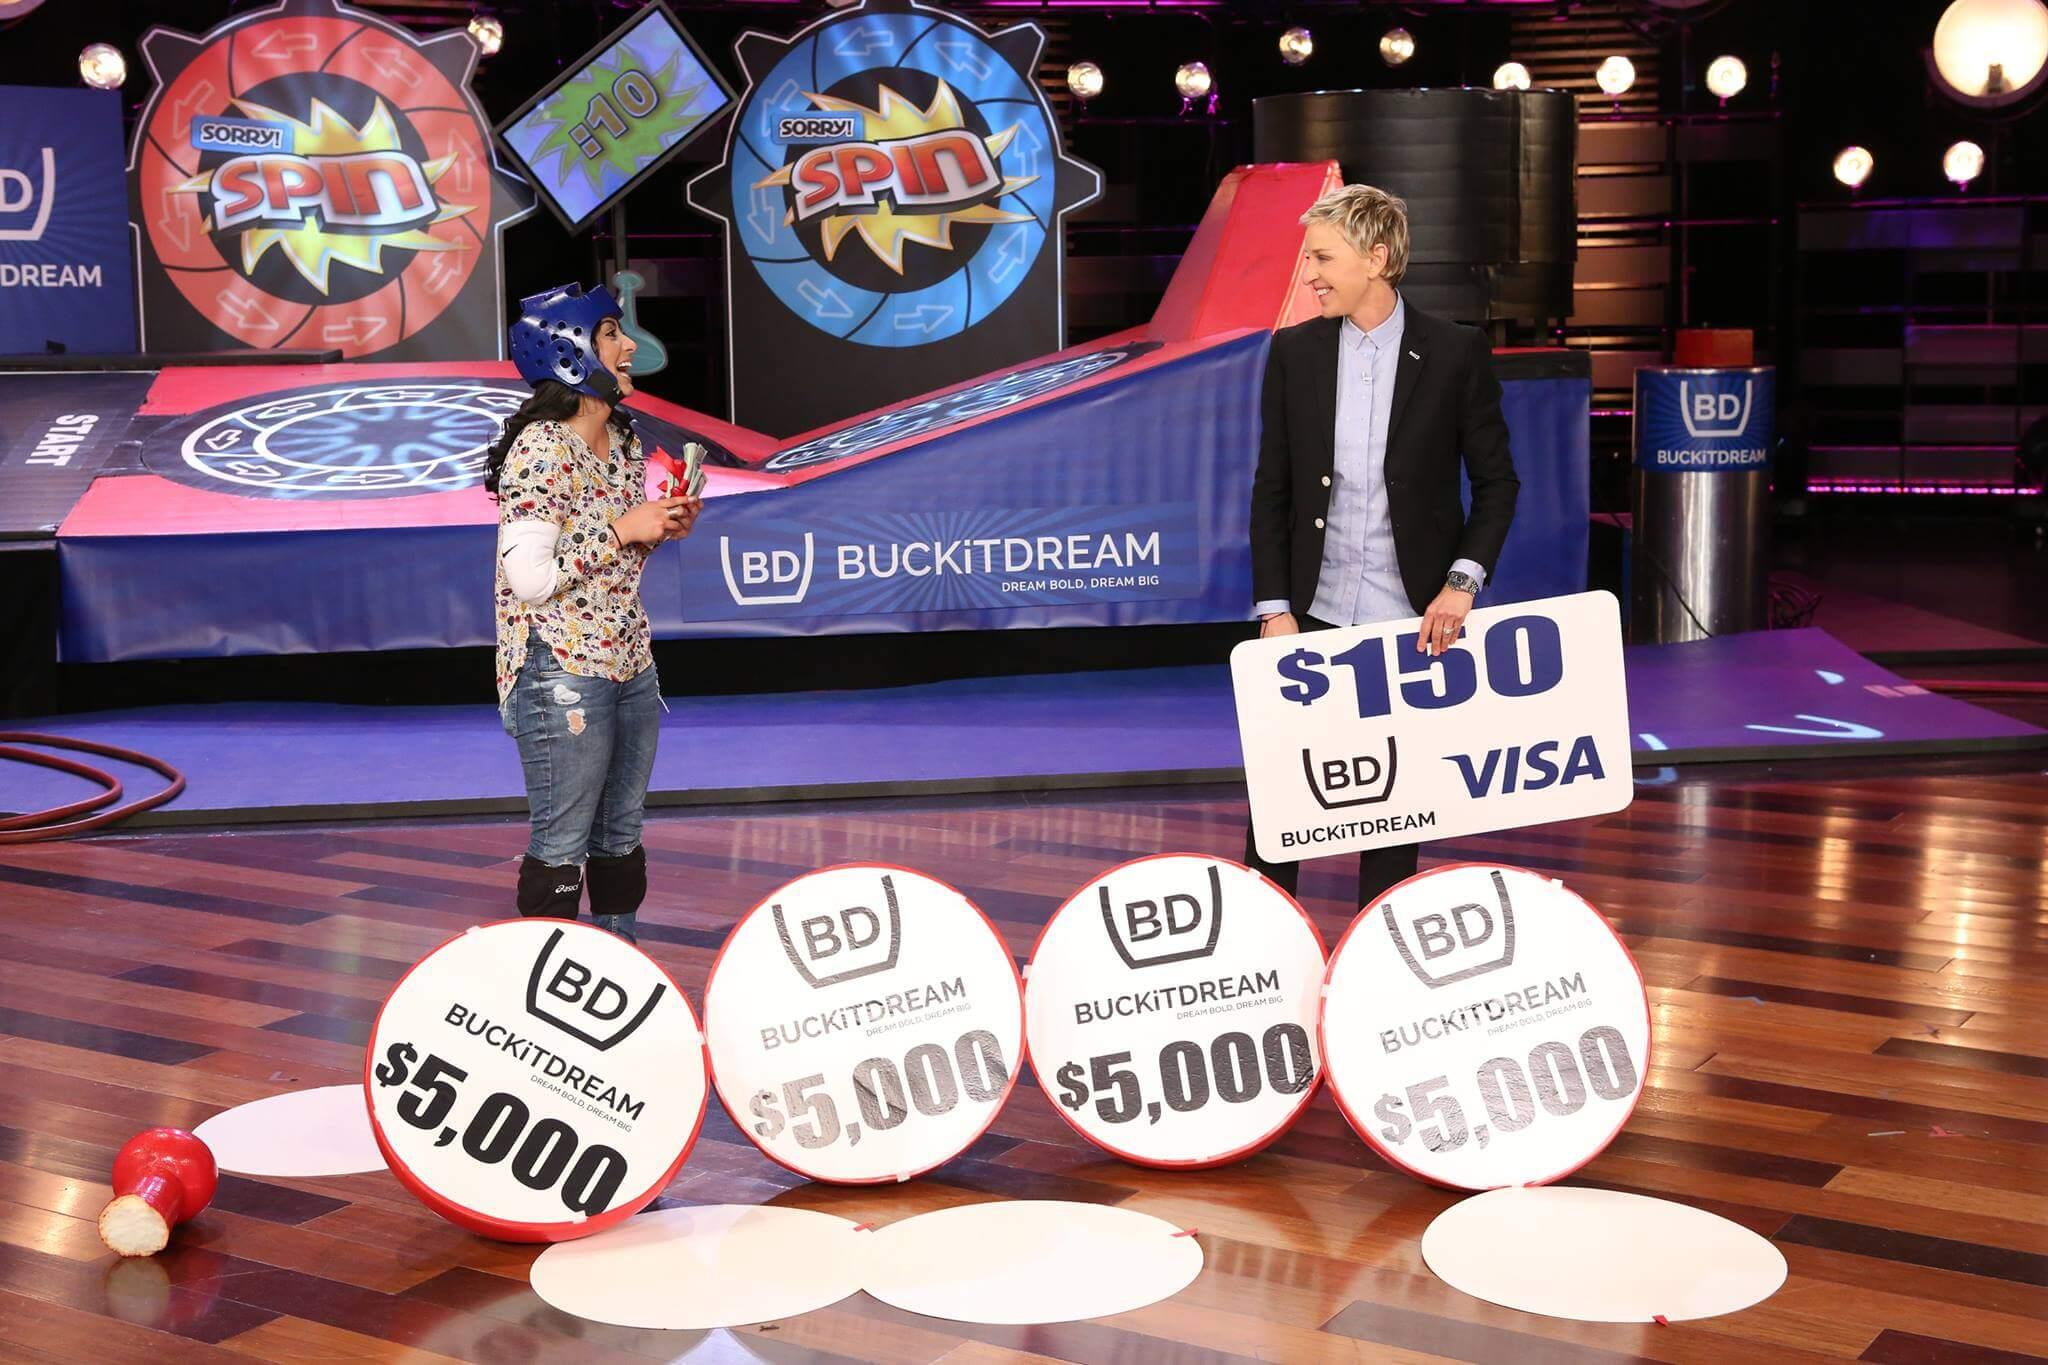 Bucket List App BUCKiTDREAM Just Raised $1 Million To Help Us Live Our Lists